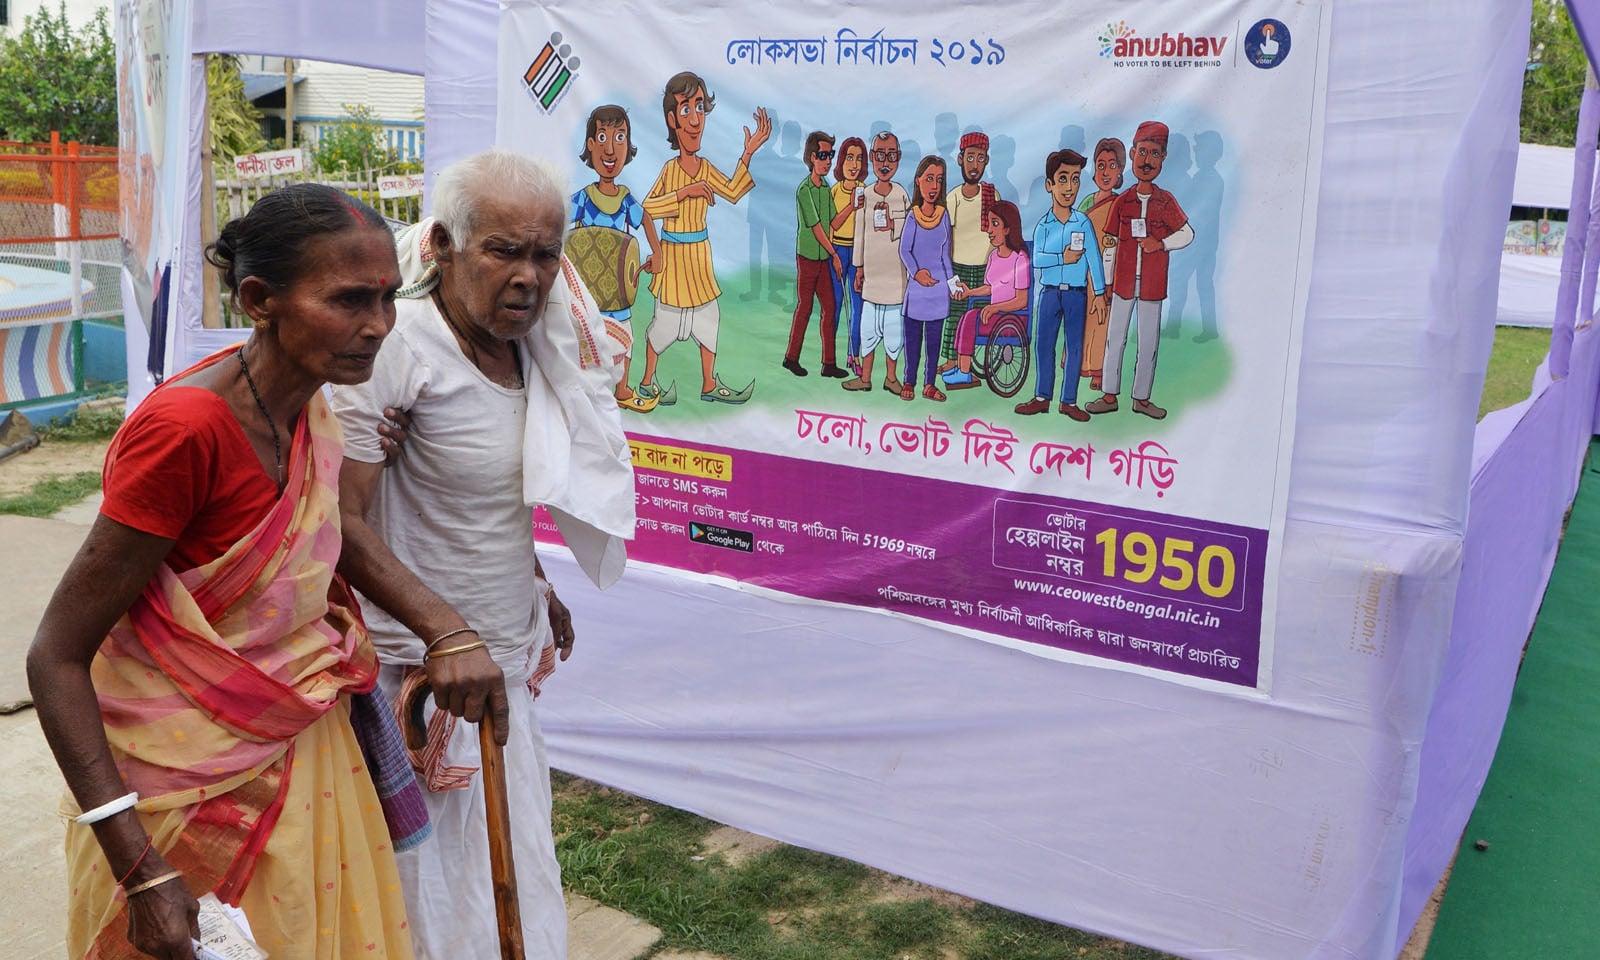 جنوبی بنگال میں بزرگ شہری اپنا حق رائے دہی استعمال کرنے کے لیے پولنگ اسٹیشن پہنچے—فوٹو/ اے ایف پی